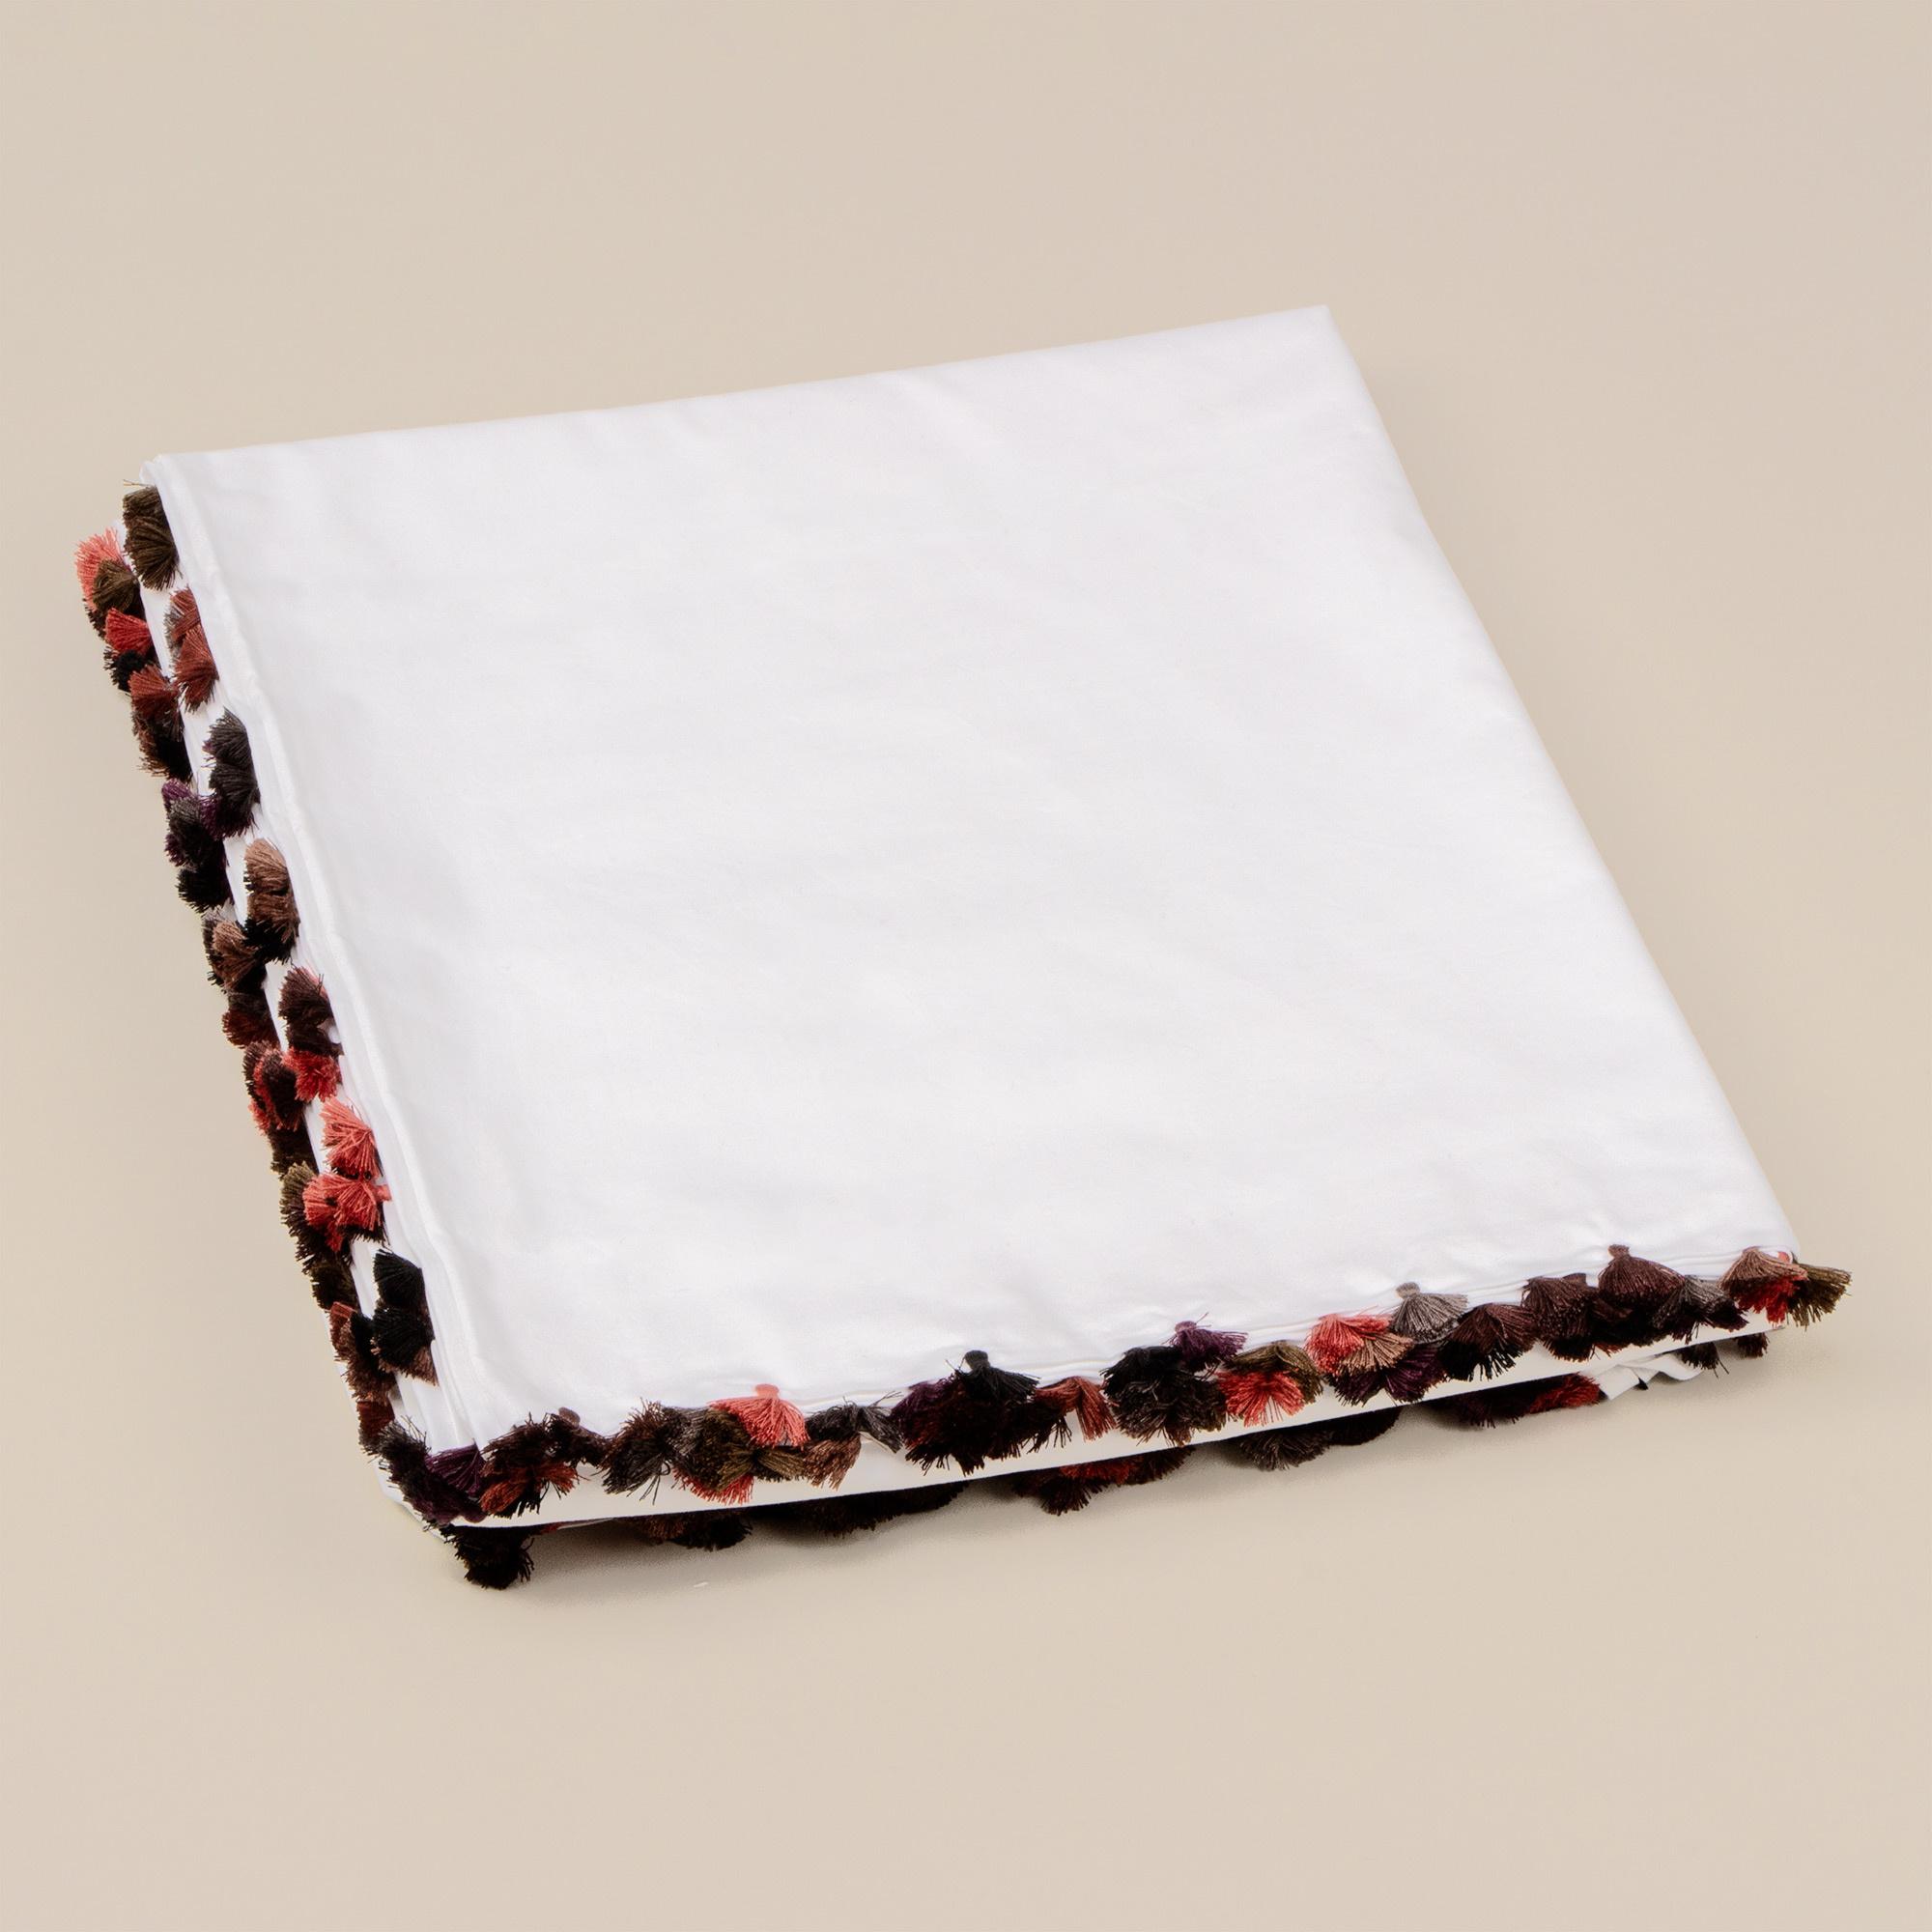 Duvet Cover King - White w/fringe - Yamskaia-1